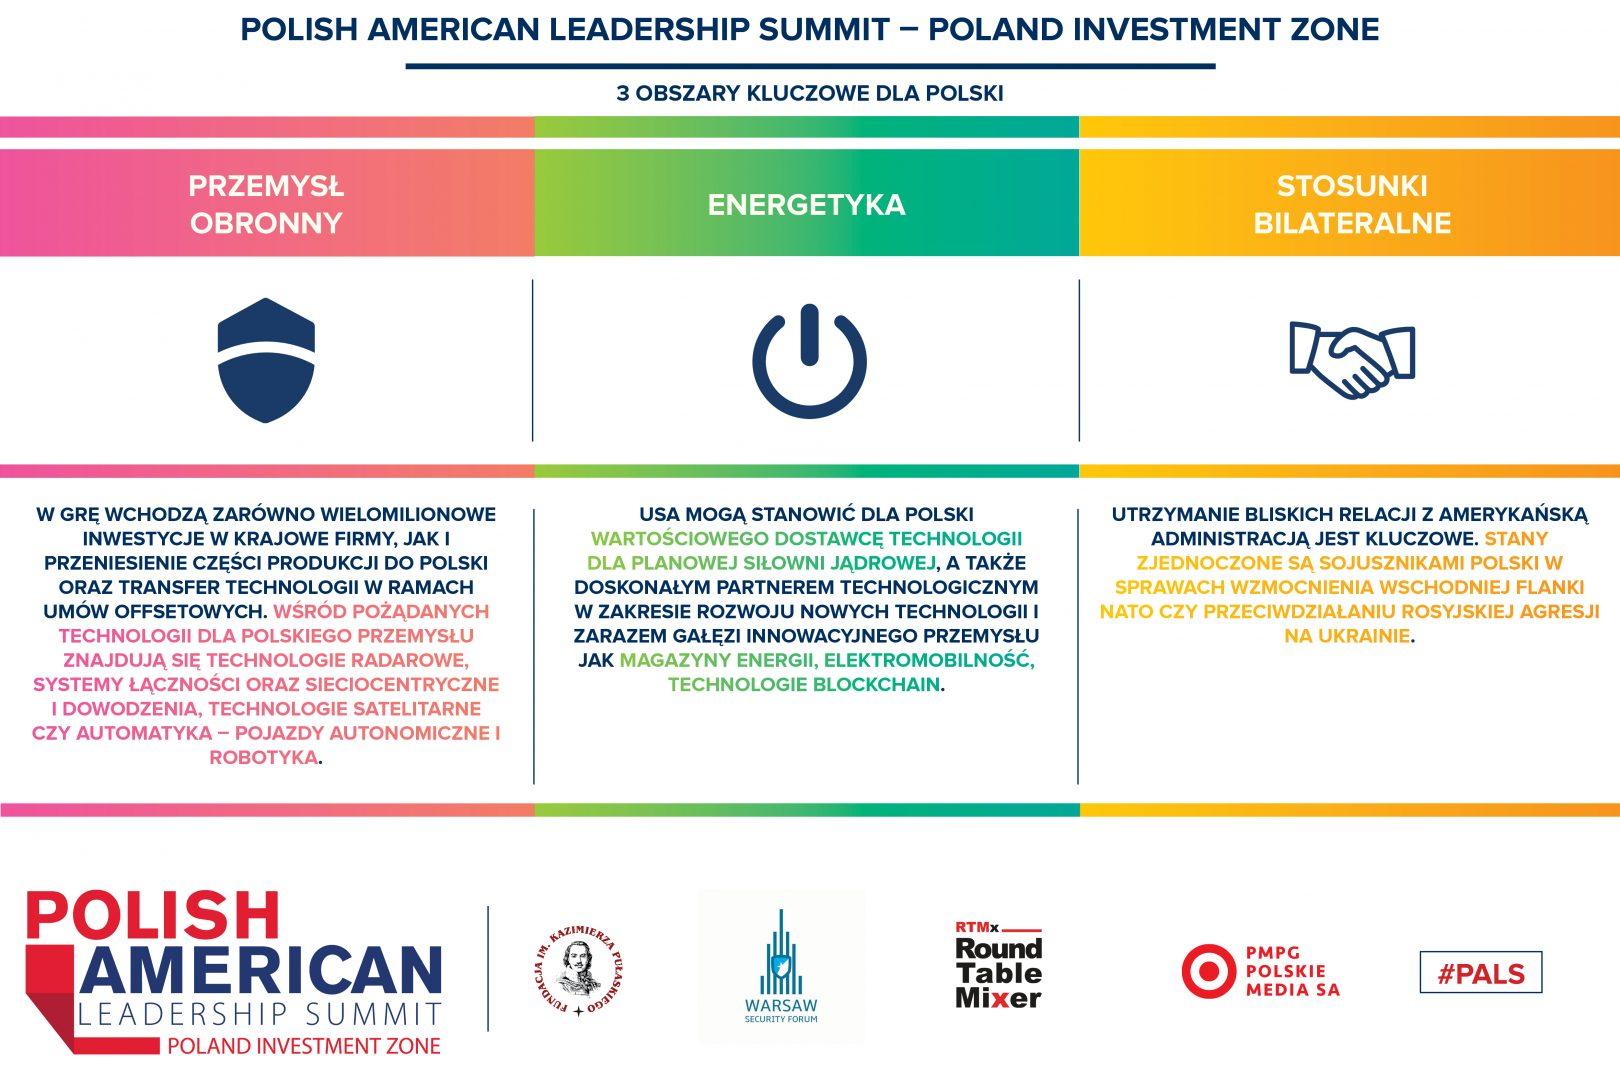 Polish American Leadership Summit: Poland Investment Zone – 3 kluczowe obszary dla Polski wrozmowach zamerykańskim partnerem